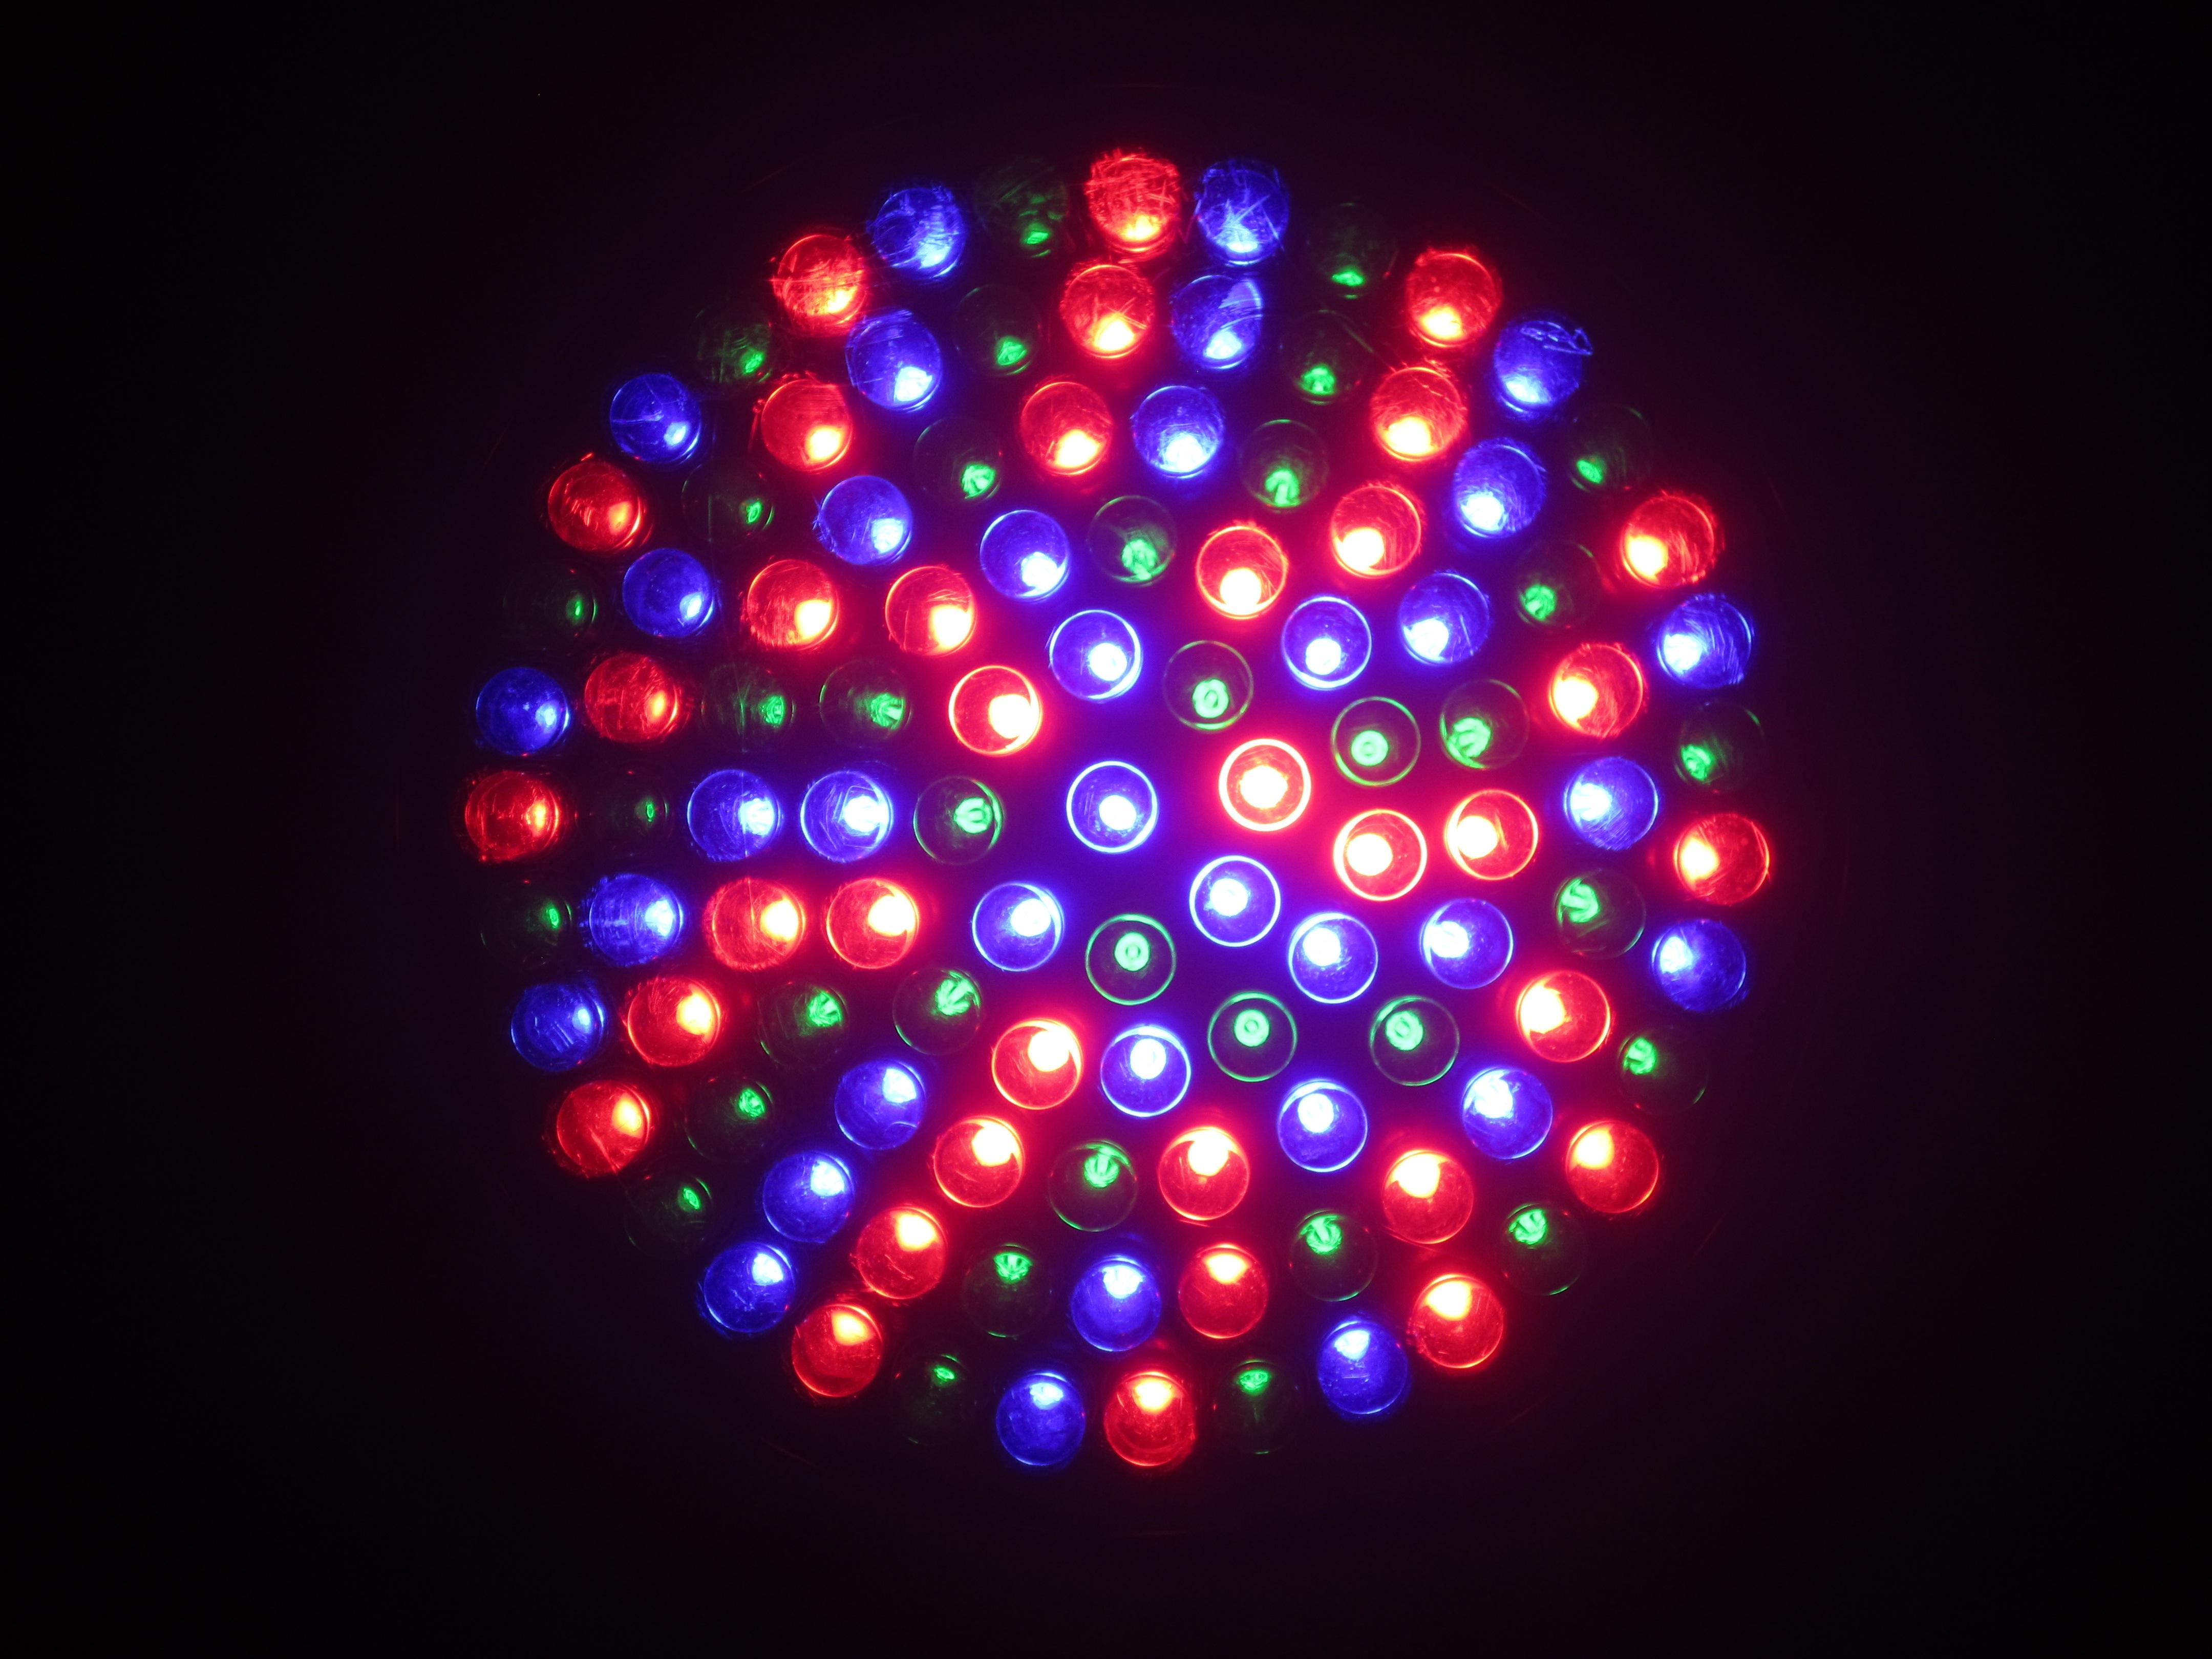 Free Images : Light, Number, Red, Color, Blue, Lighting